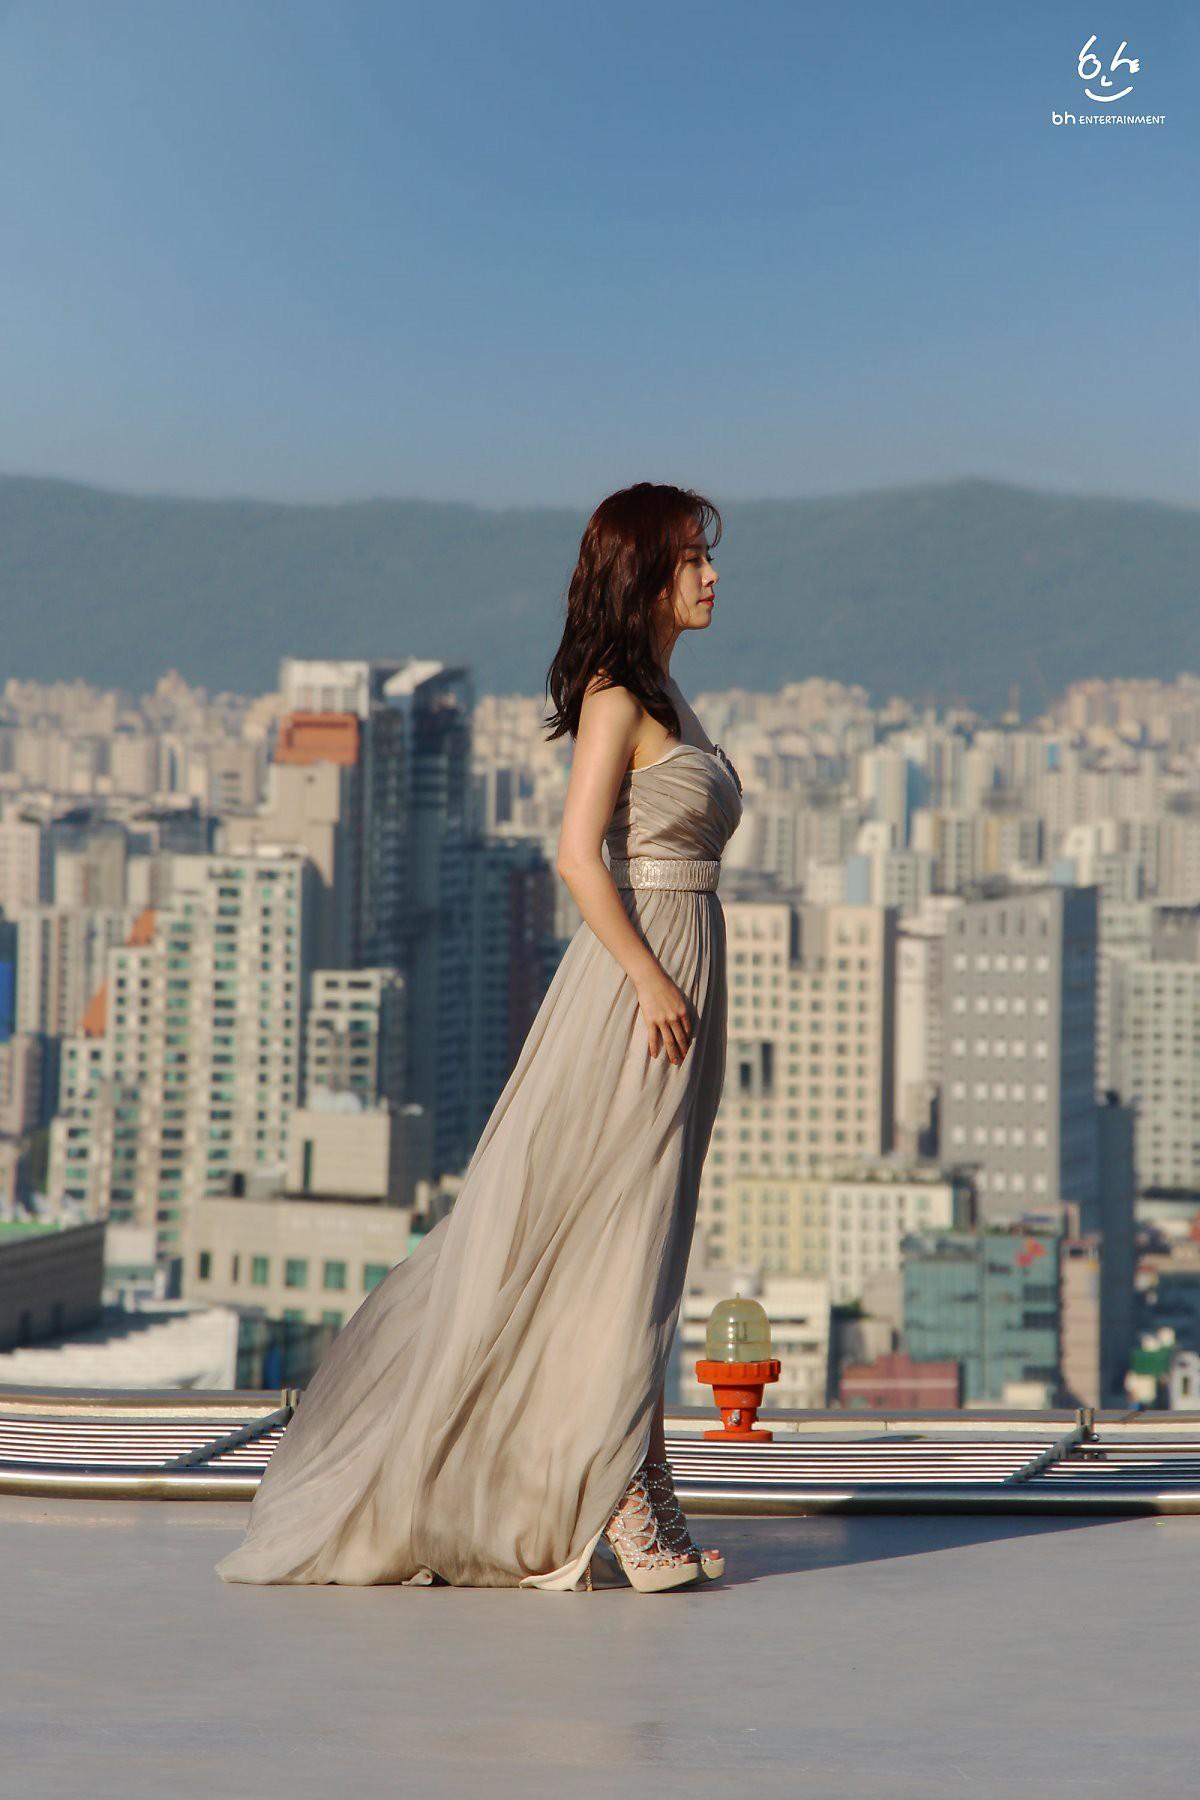 Nhìn Han Ji Min trước và sau khi lên đồ, mới thấy các chị em cứ biến hình là không thể đùa được! - Ảnh 7.